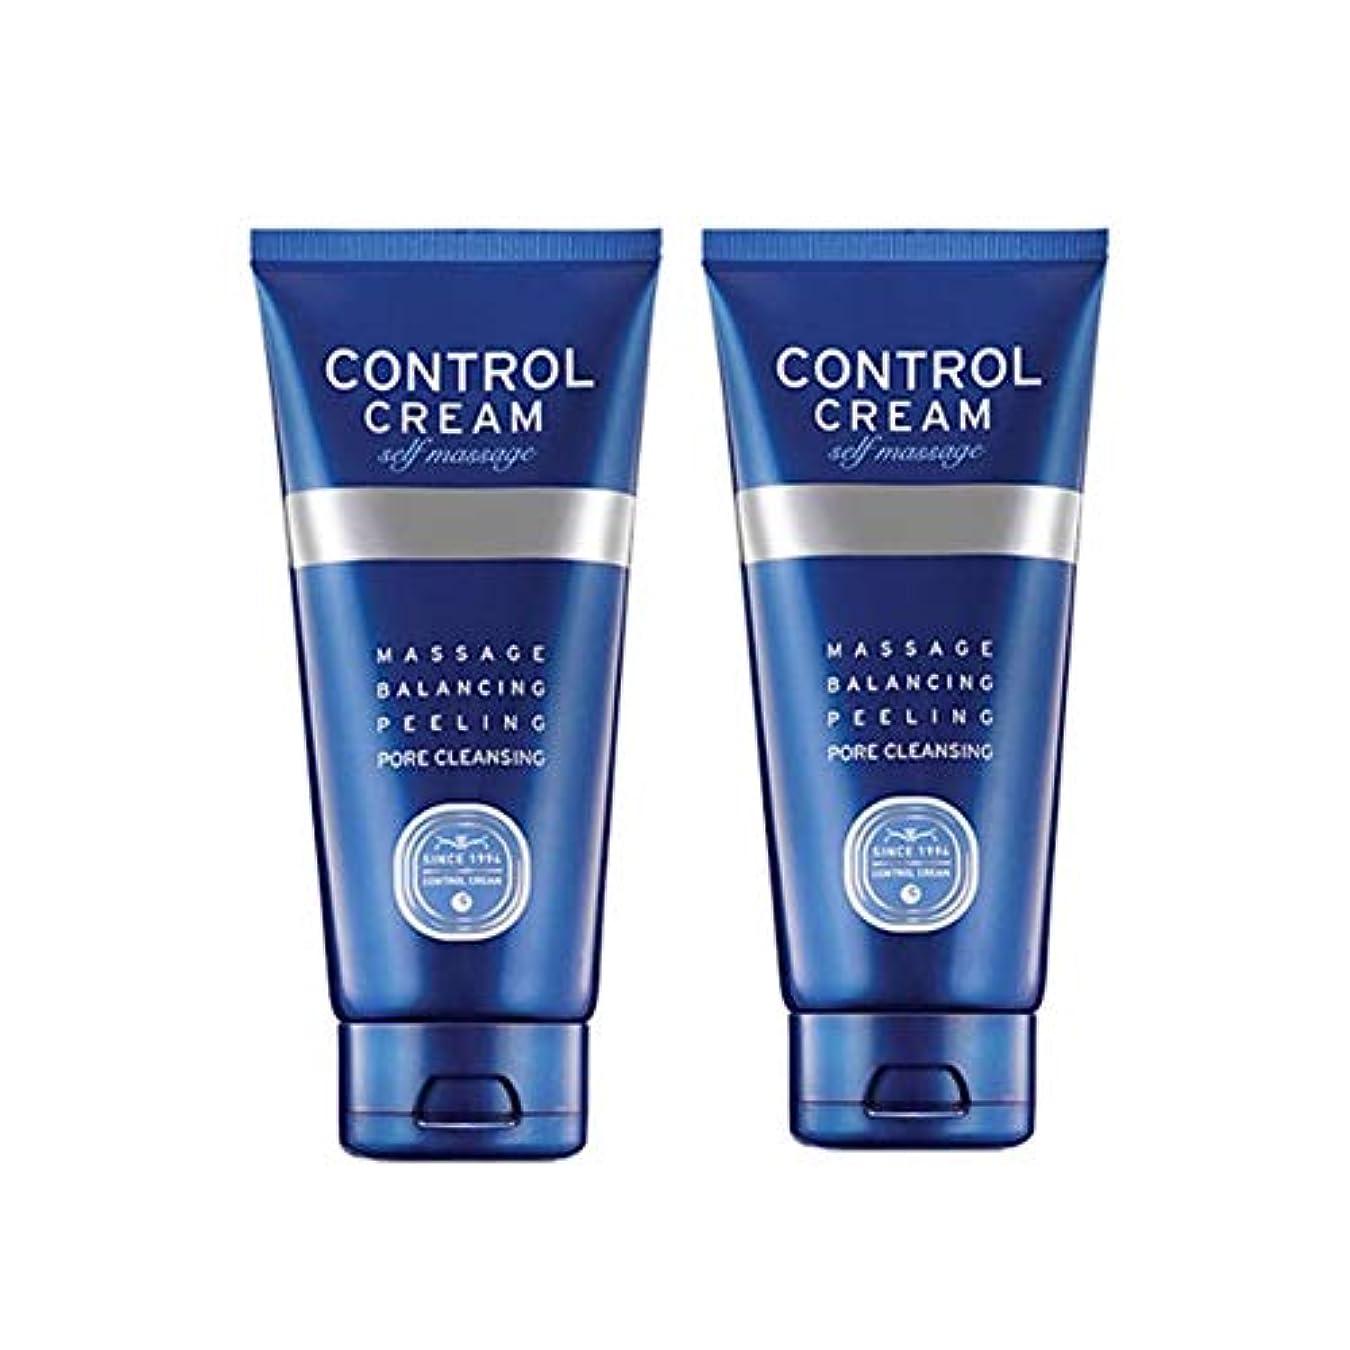 エーカーリークブロッサムチャムジョンコントロールクリームセルフマッサージ150ml x 2本セット、Charmzone Control Cream Self Massage 150ml x 2ea Set [並行輸入品]